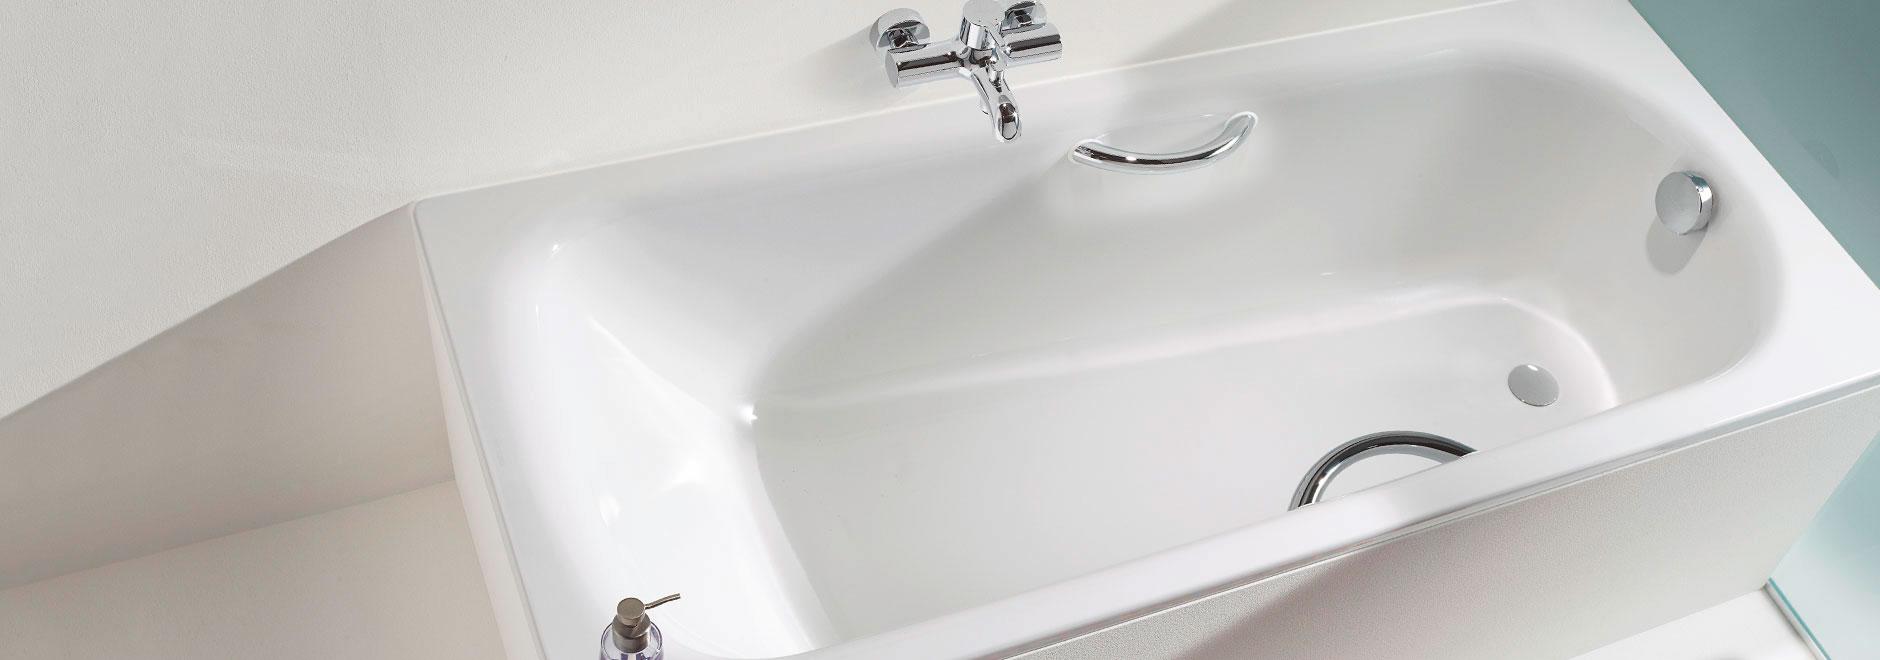 neue badewanne ohne badsanierung jestrimsky. Black Bedroom Furniture Sets. Home Design Ideas